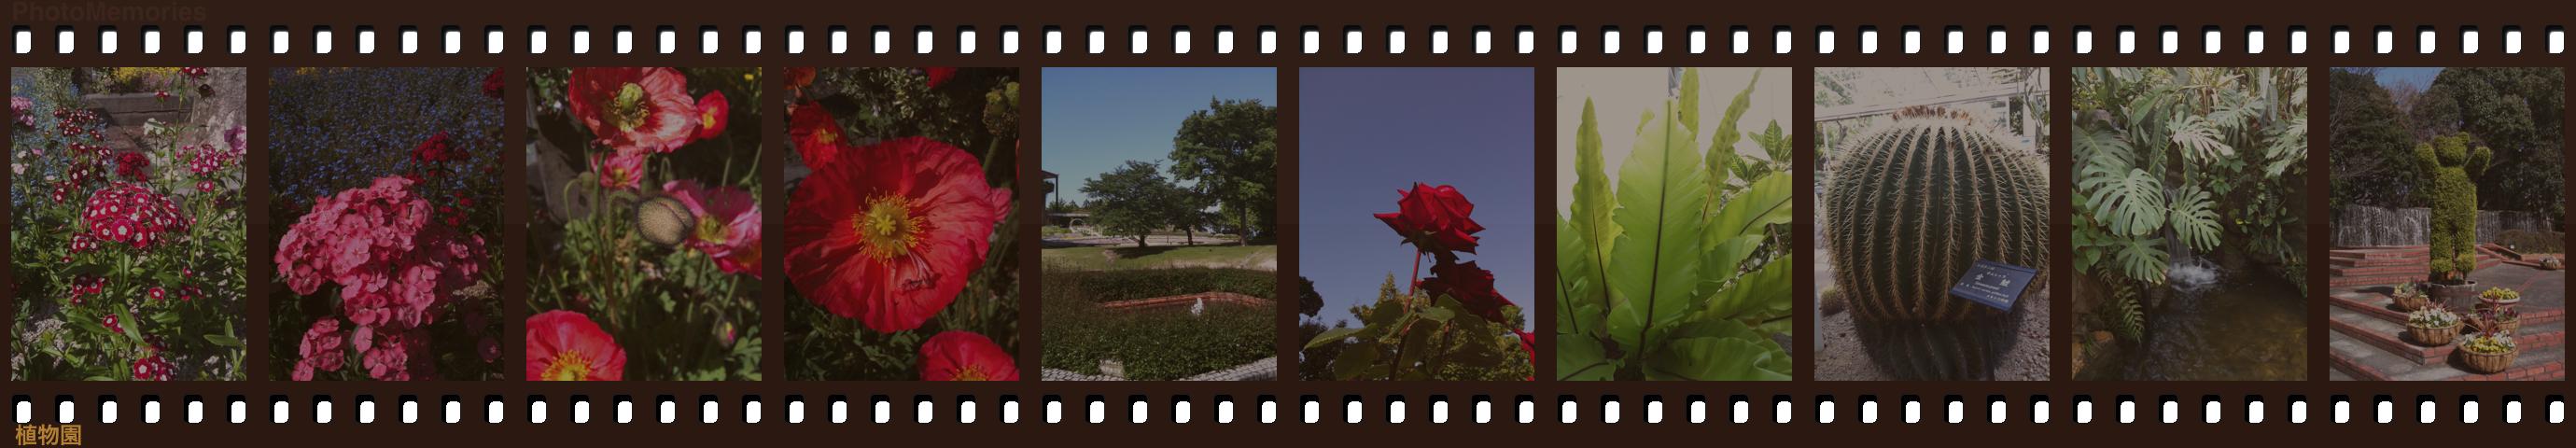 PhotoMemories Demo 1.3.0